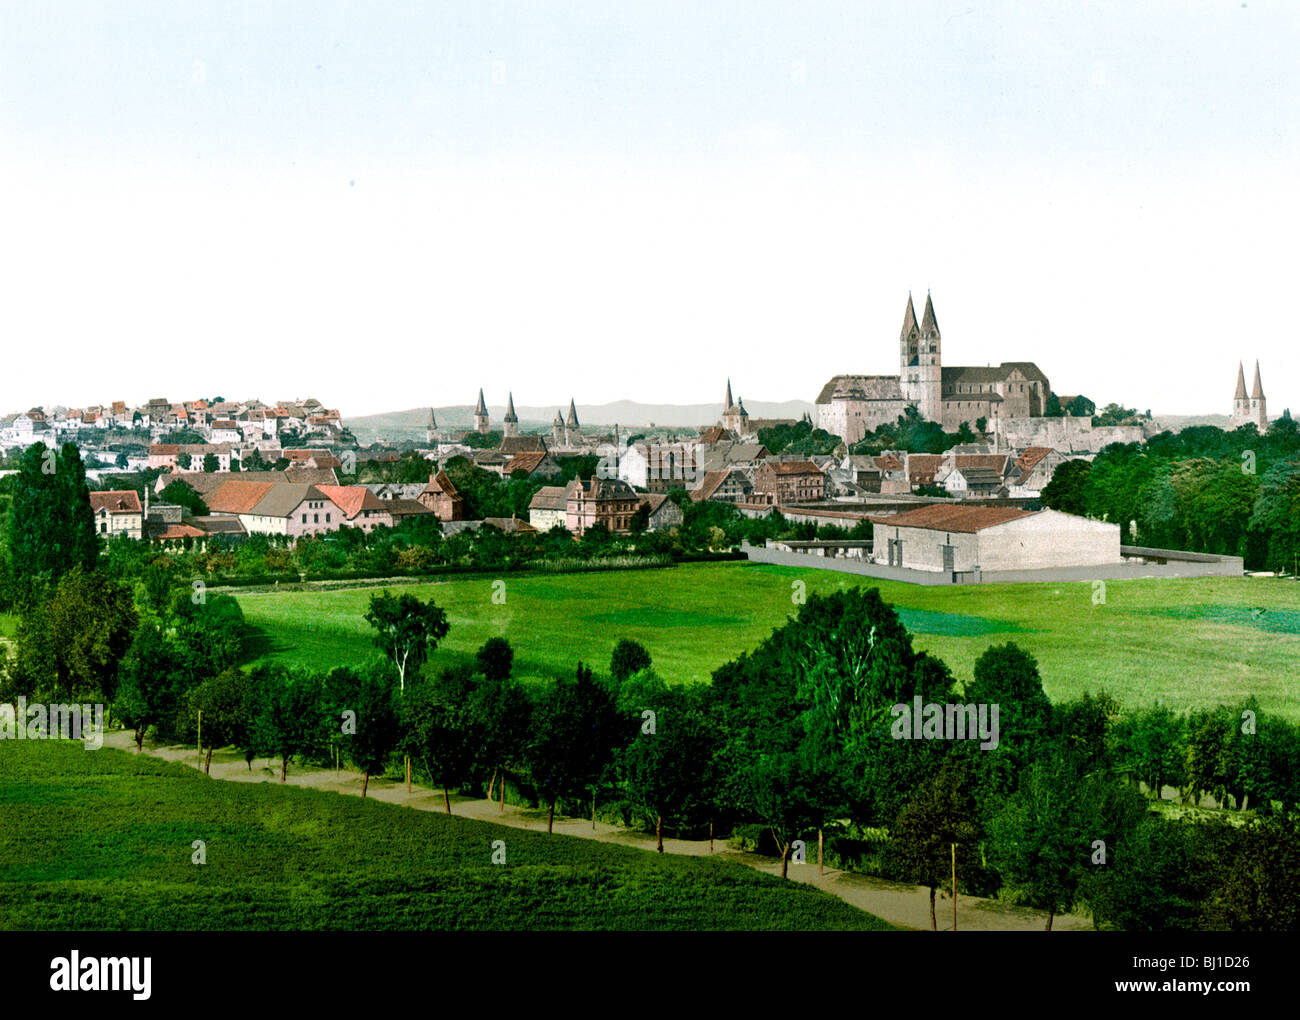 Quedlinburg Hartz - Stock Image